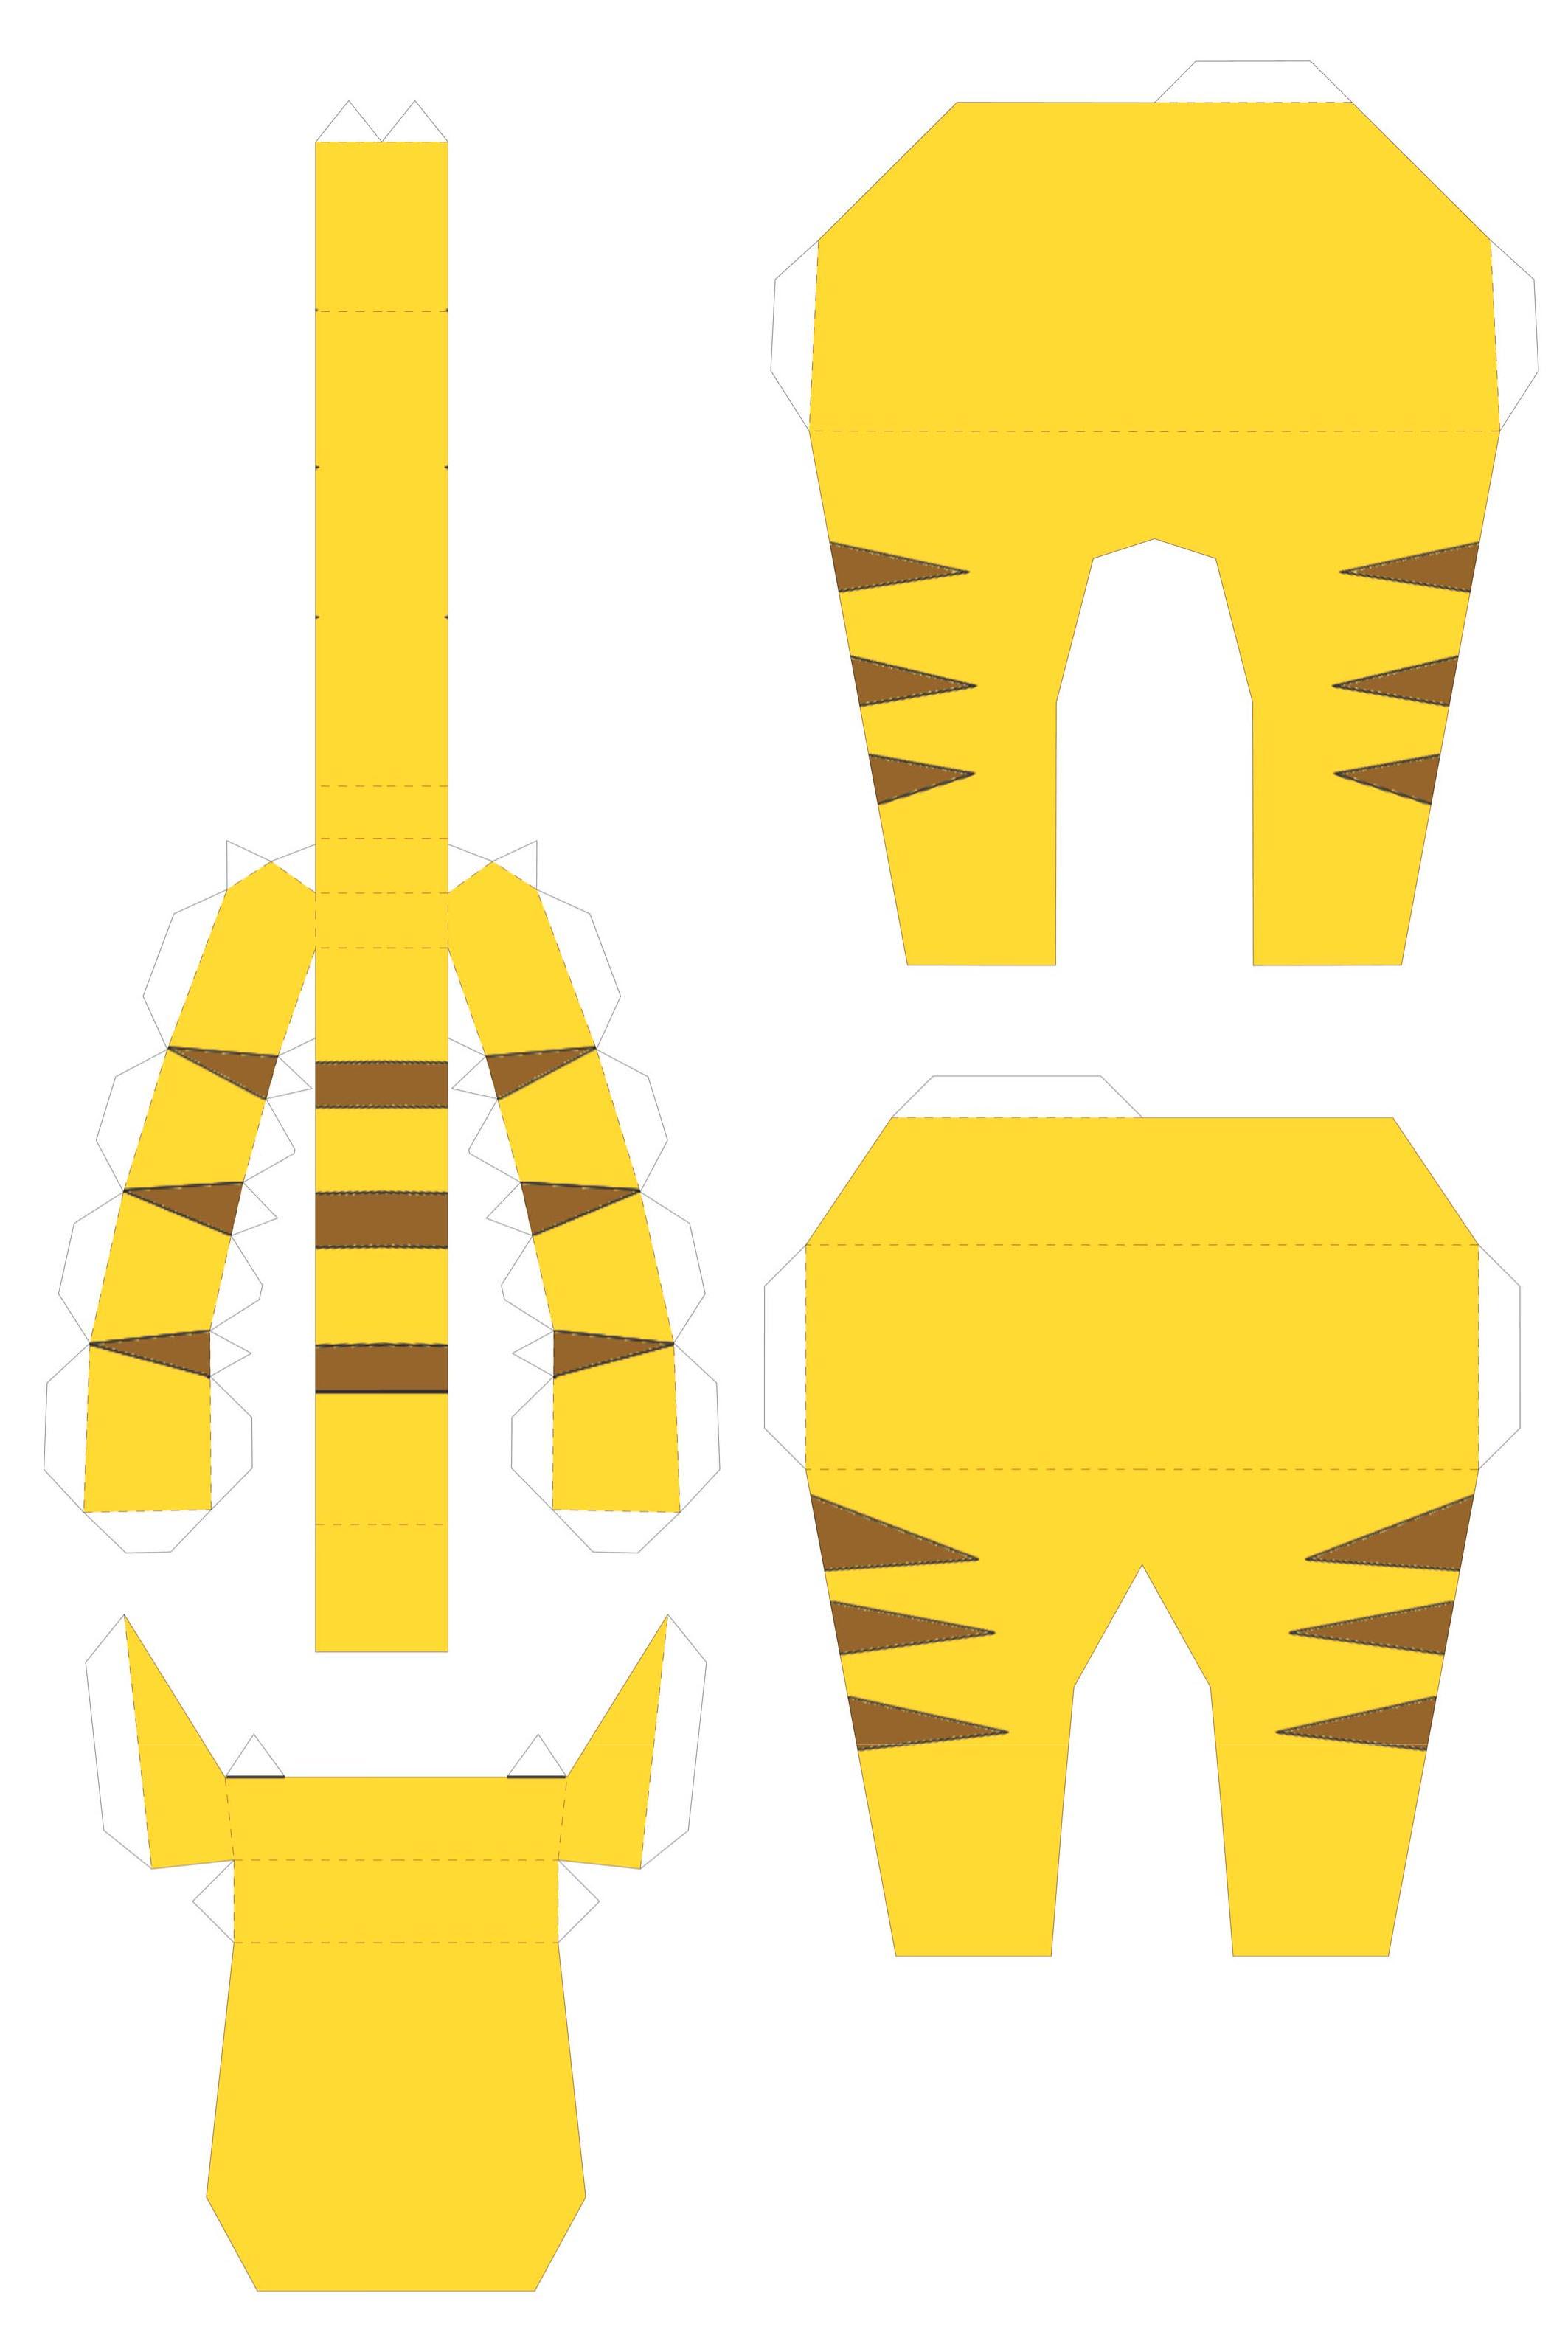 Как сделать тигра из бумаги своими руками? Вечные вопросы 25